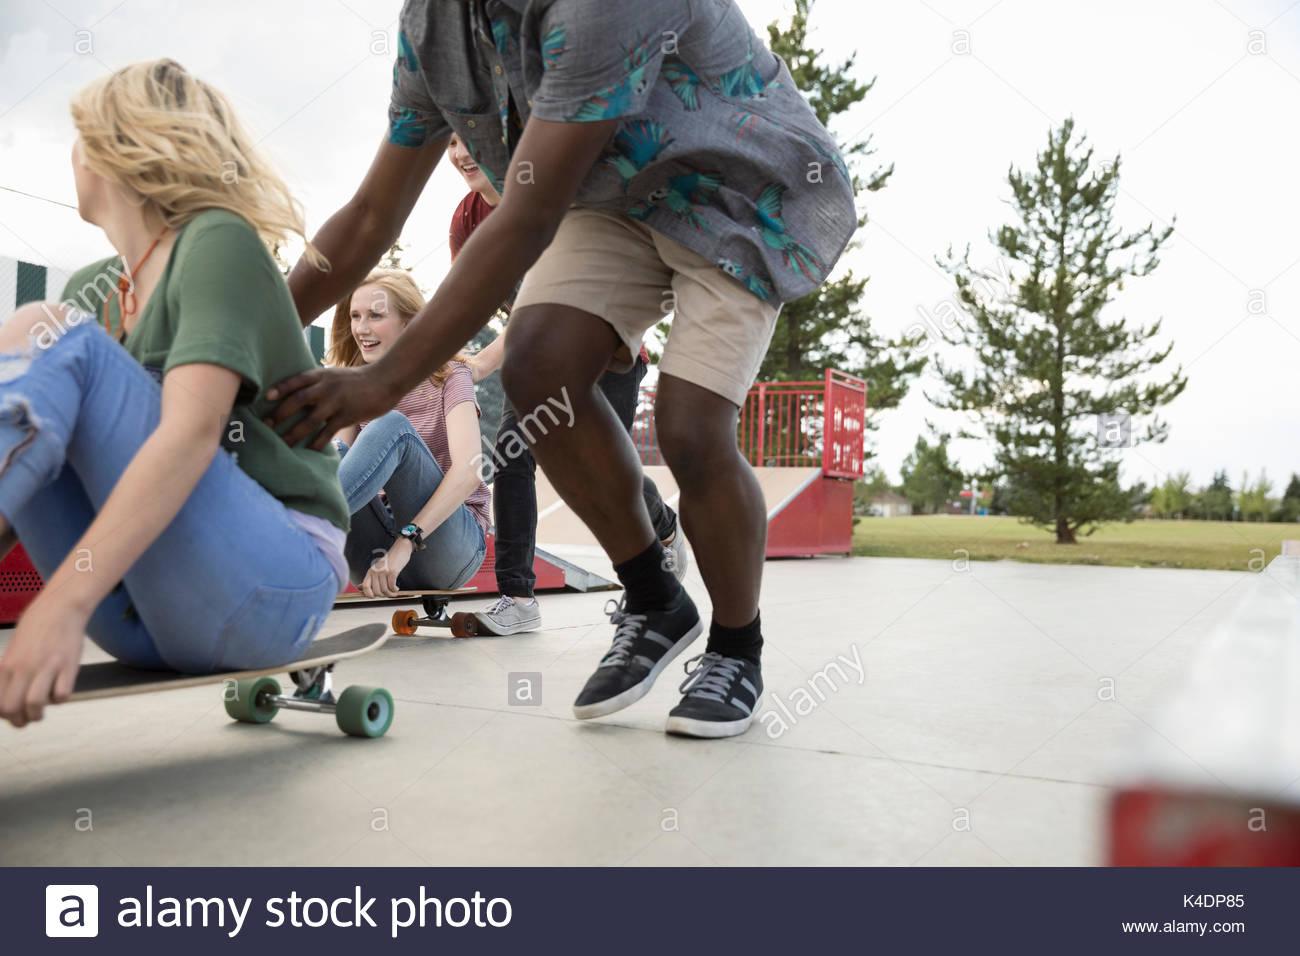 Amigos adolescentes jugando, empujando patinetas en skate park Imagen De Stock